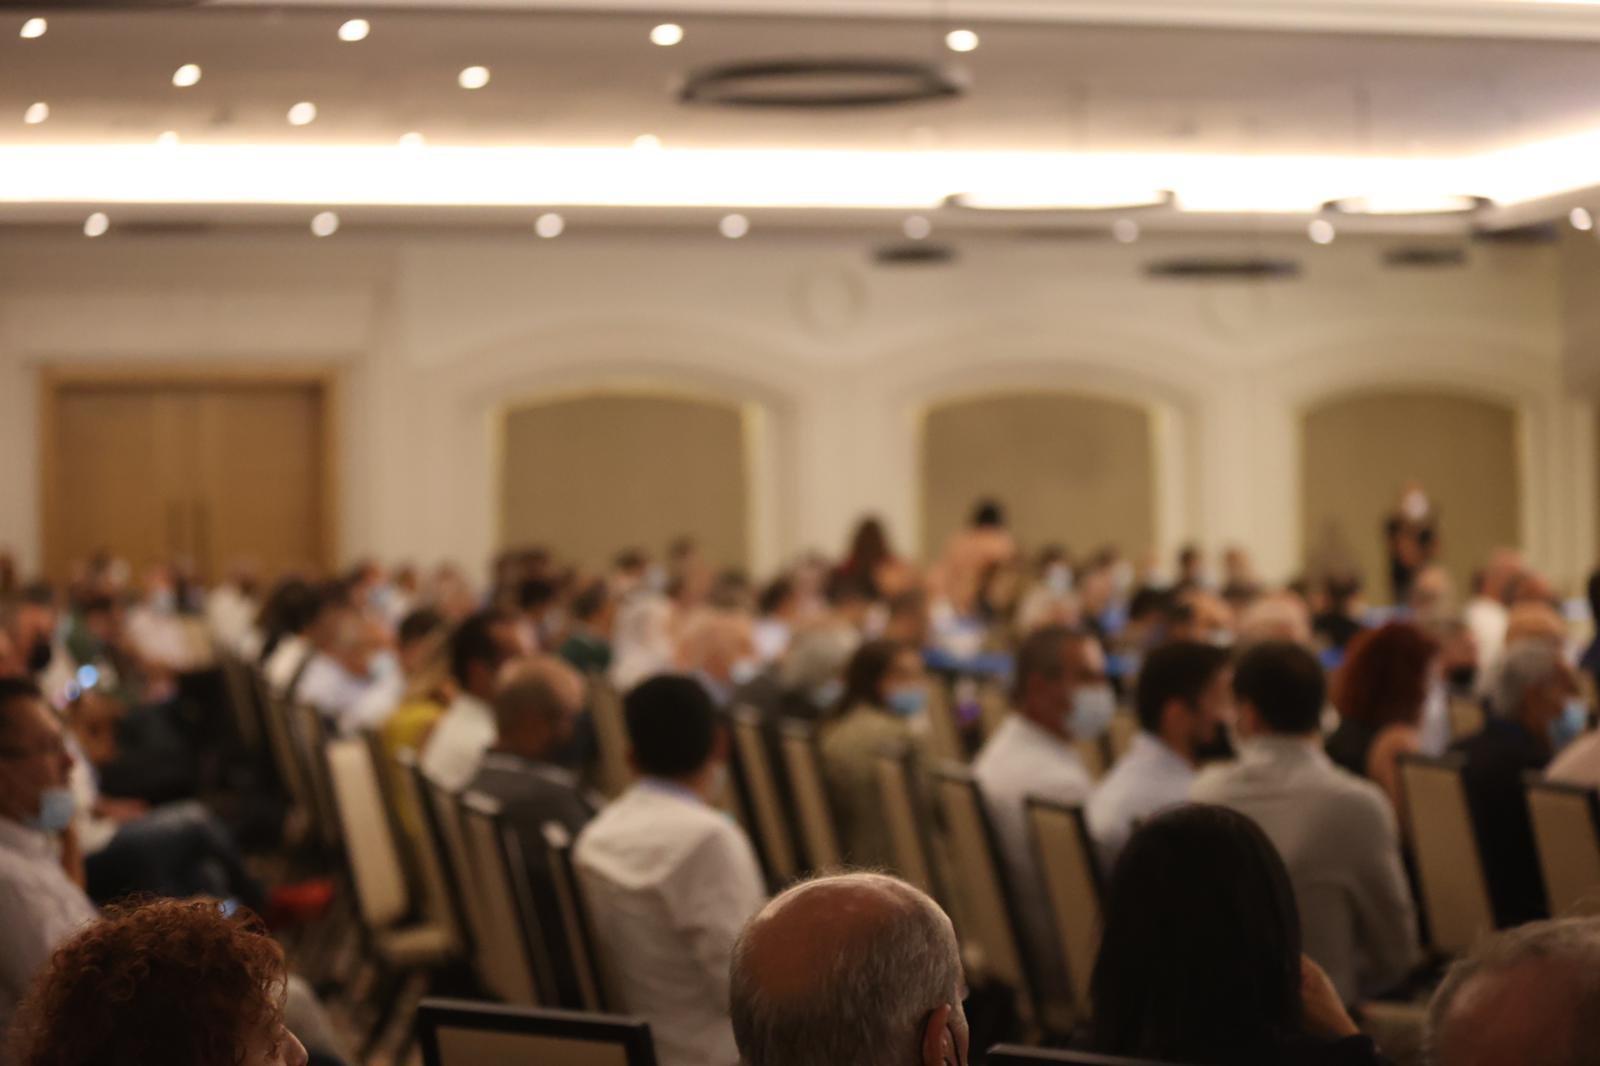 مشاركة كبيرة ومحاضرات هامة في المؤتمر الاقتصادي للمجتمع العربي بالناصرة-11